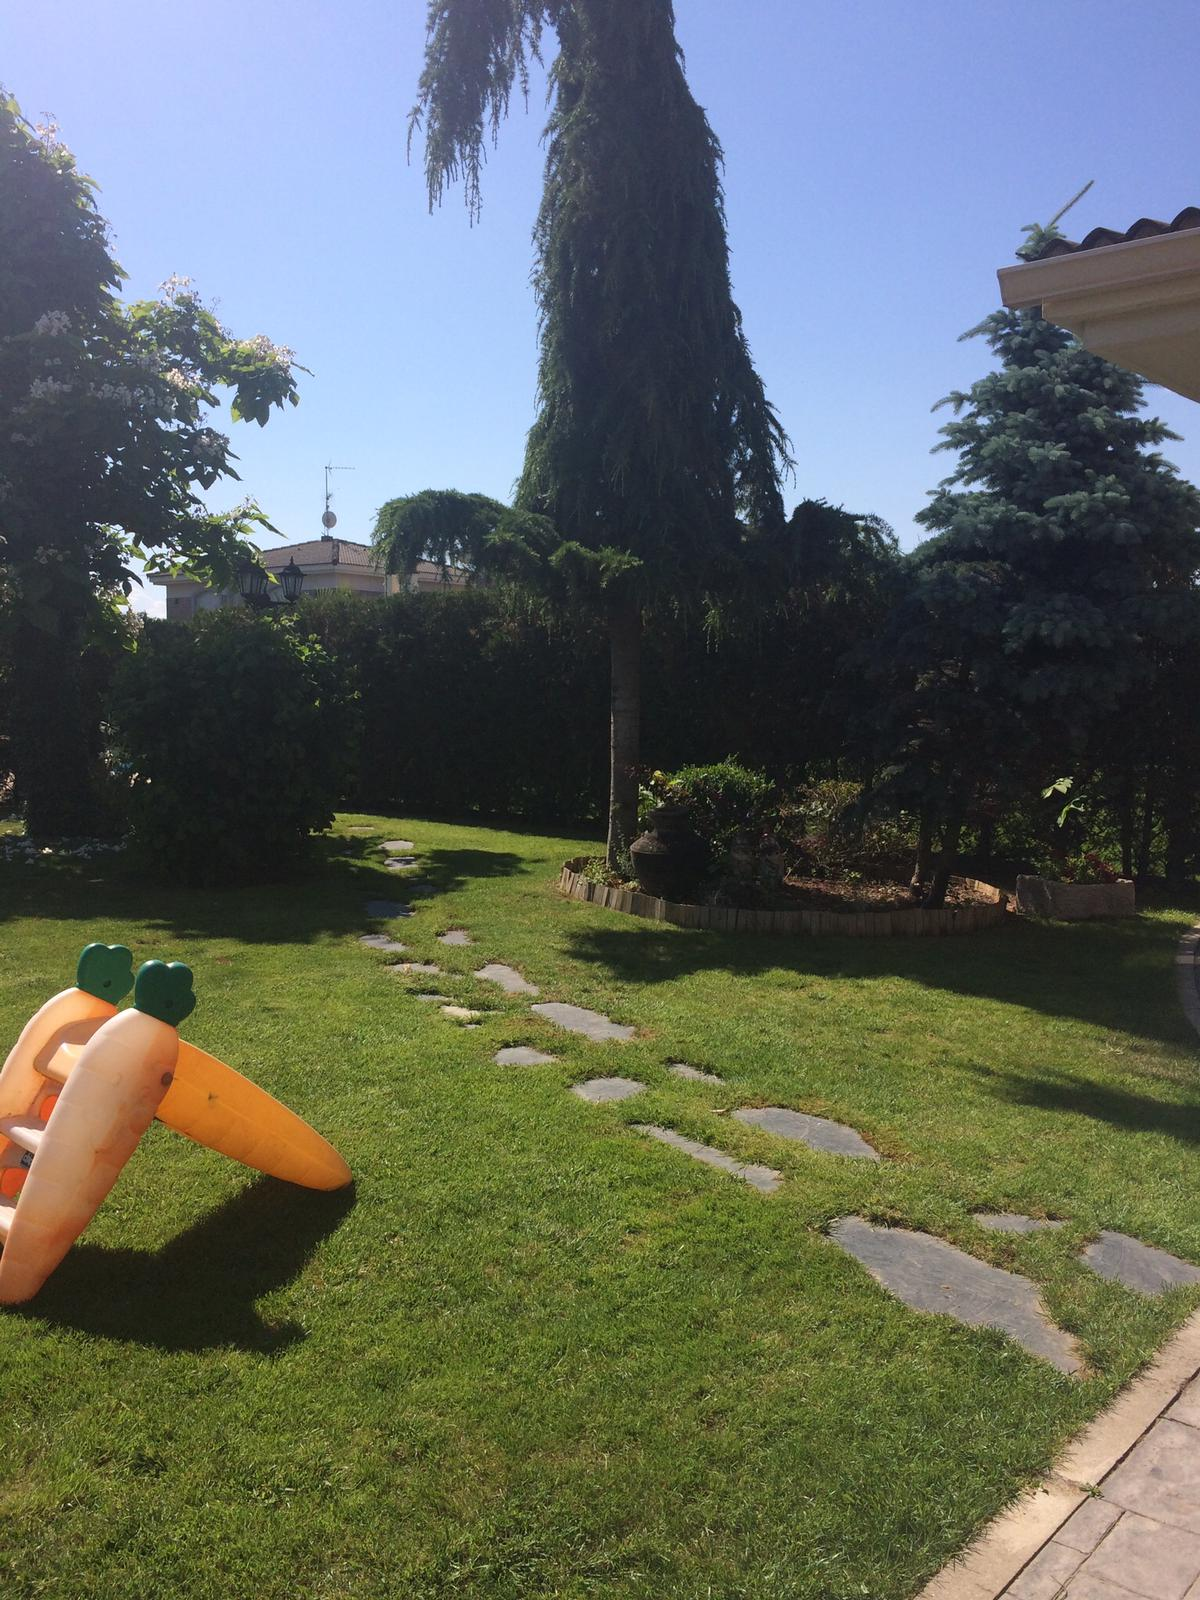 CHALET EN SANTA MARTA DE TORMES (REF: 591) - foto 13 IMG-20190531-WA0013.jpg